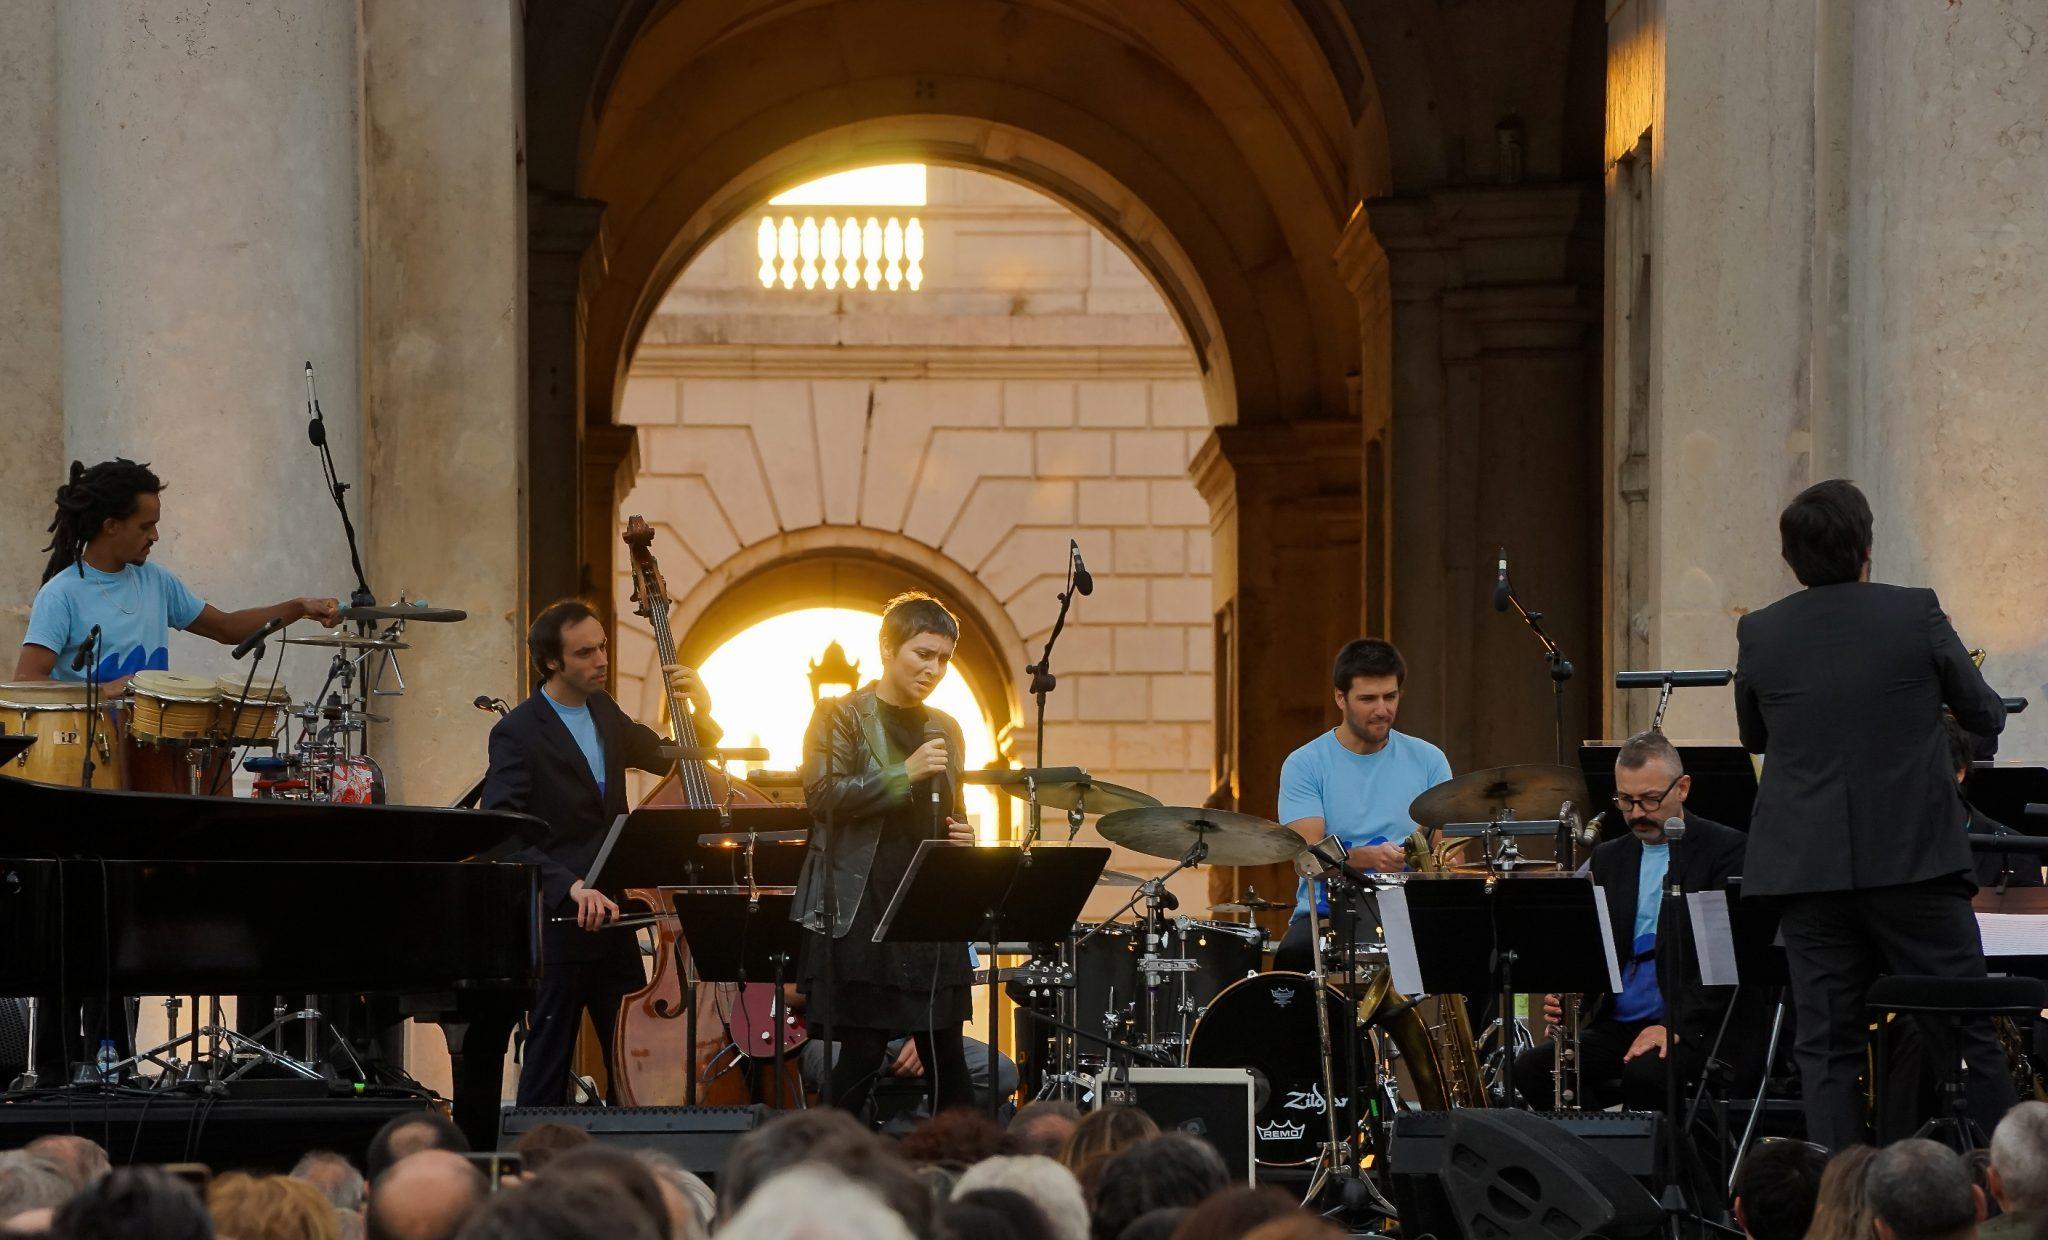 A cantora Manuela Azevedo em cima do palco, rodeada por músicos. Atrás, um pormenor do Palácio da Ajuda com a luz do por do sol a colorir a pedra de tons dourados